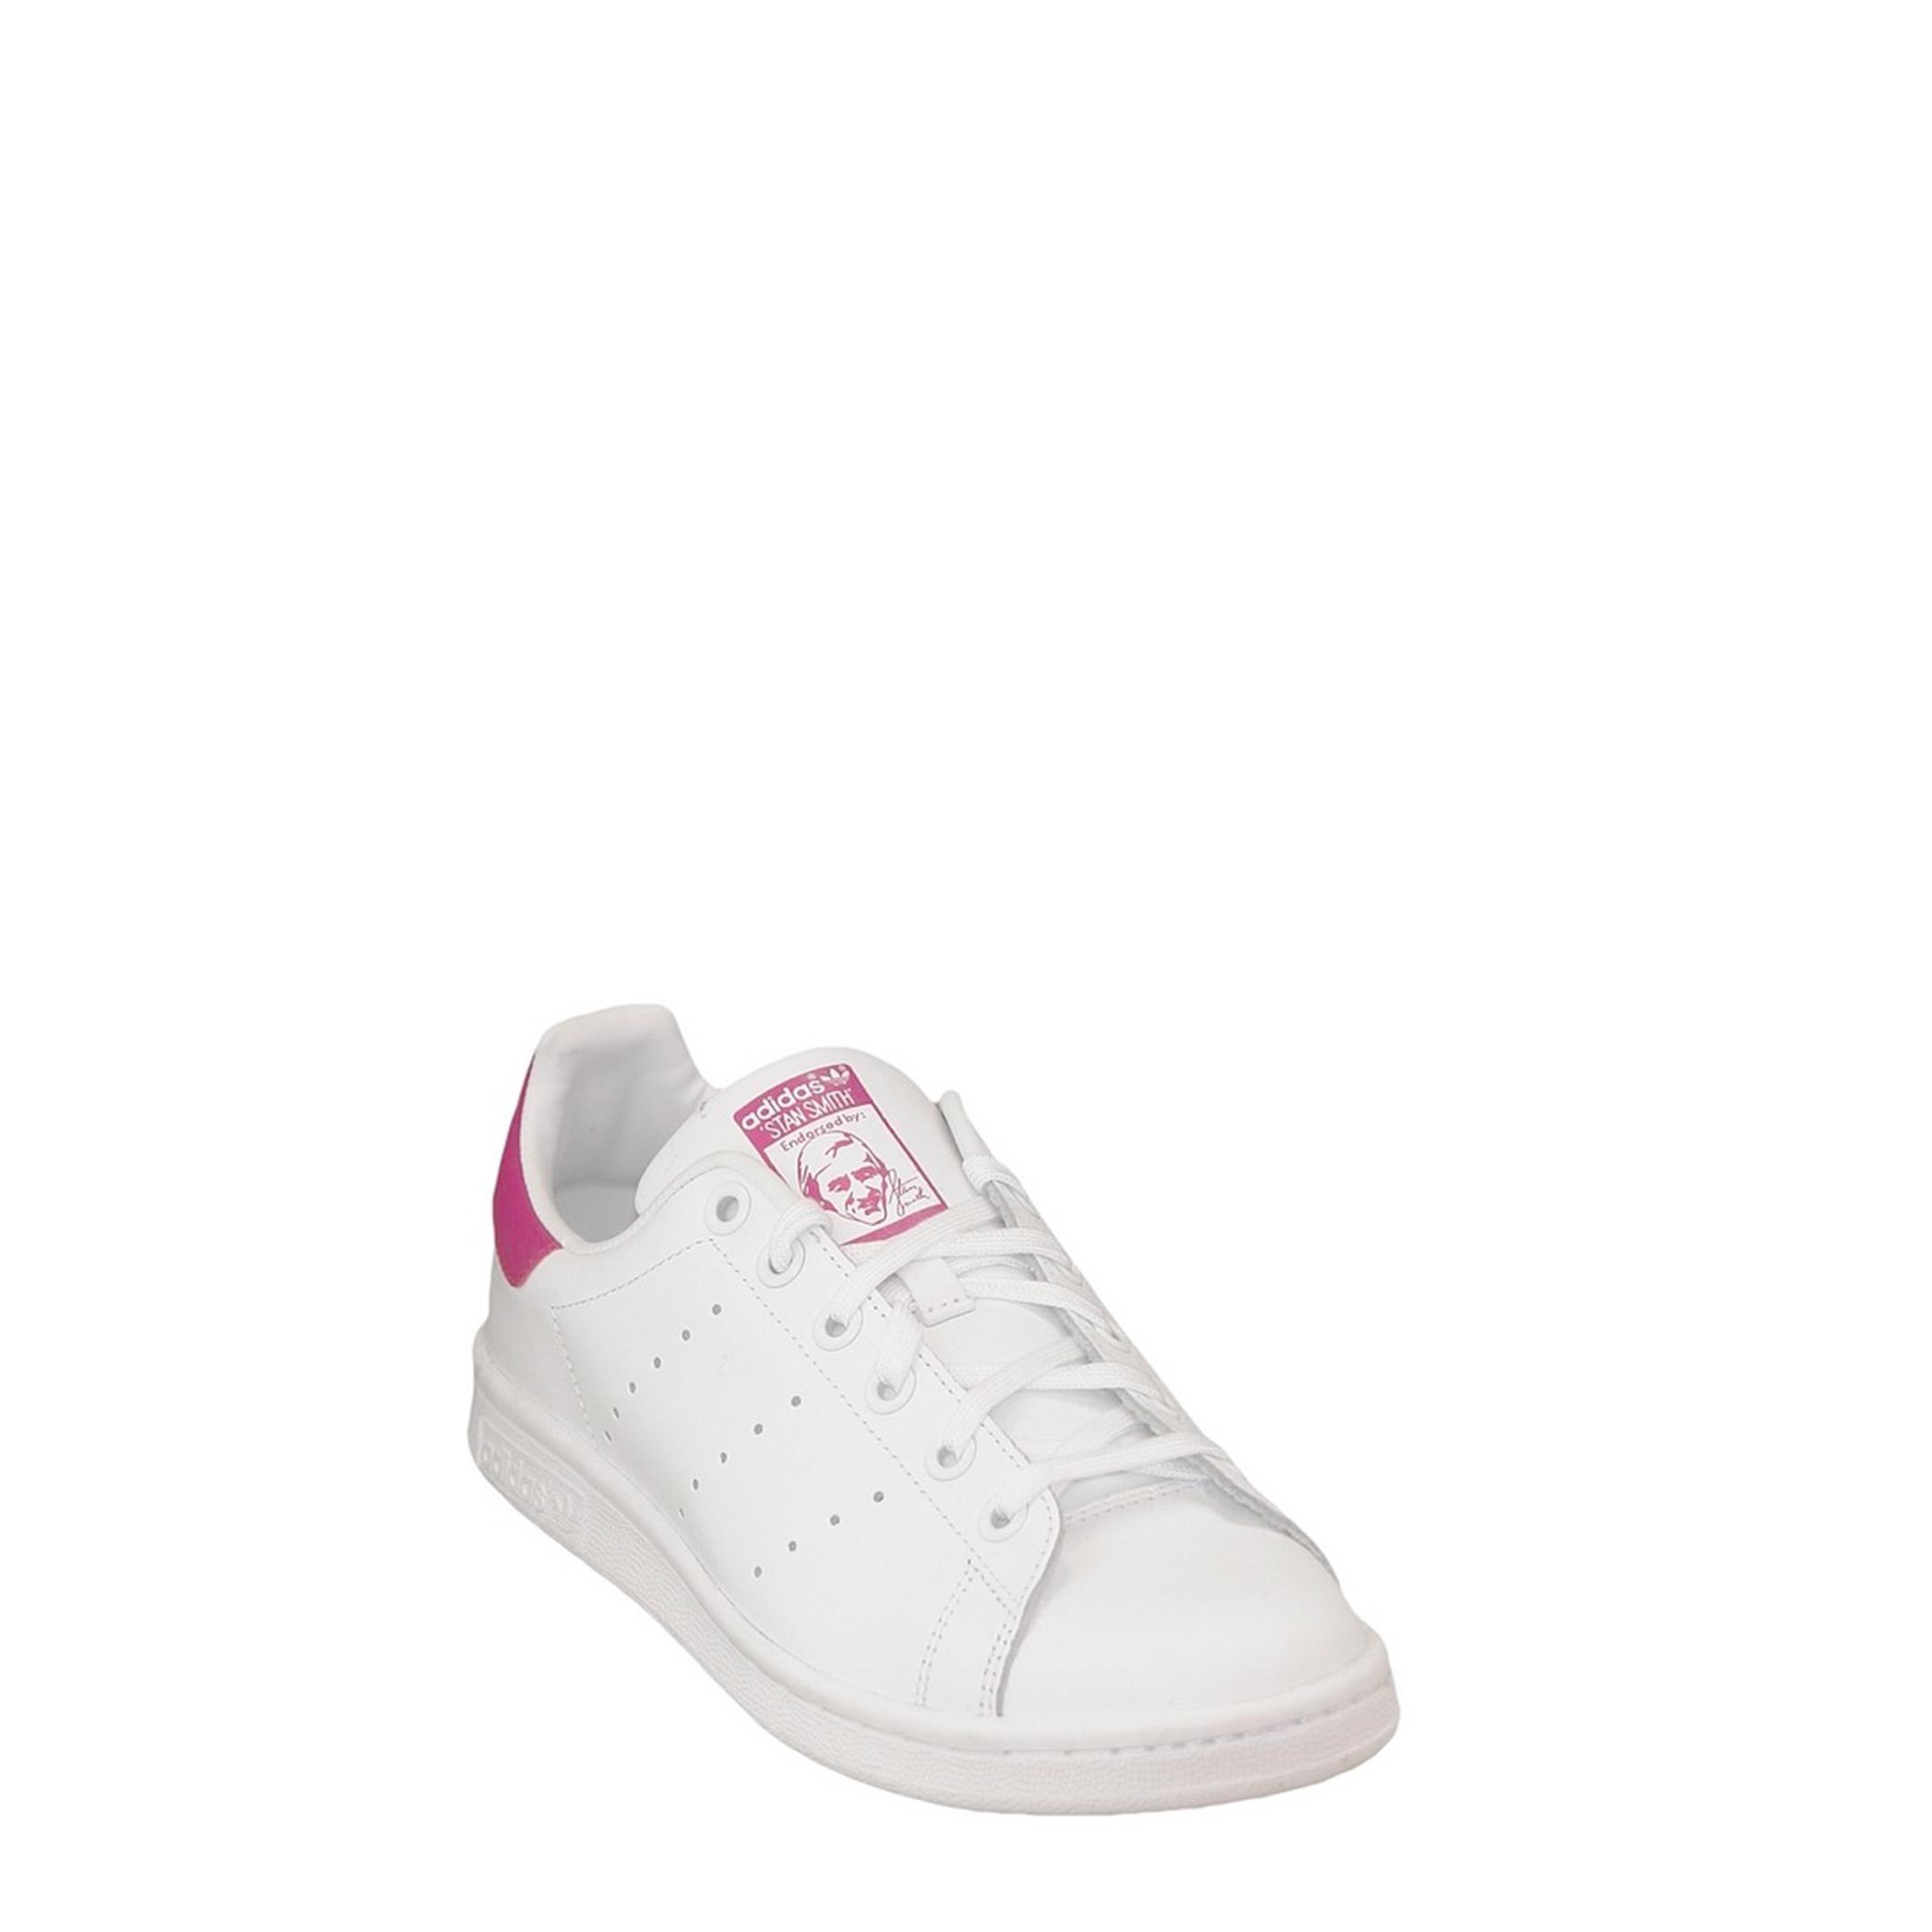 Adidas StanSmith white